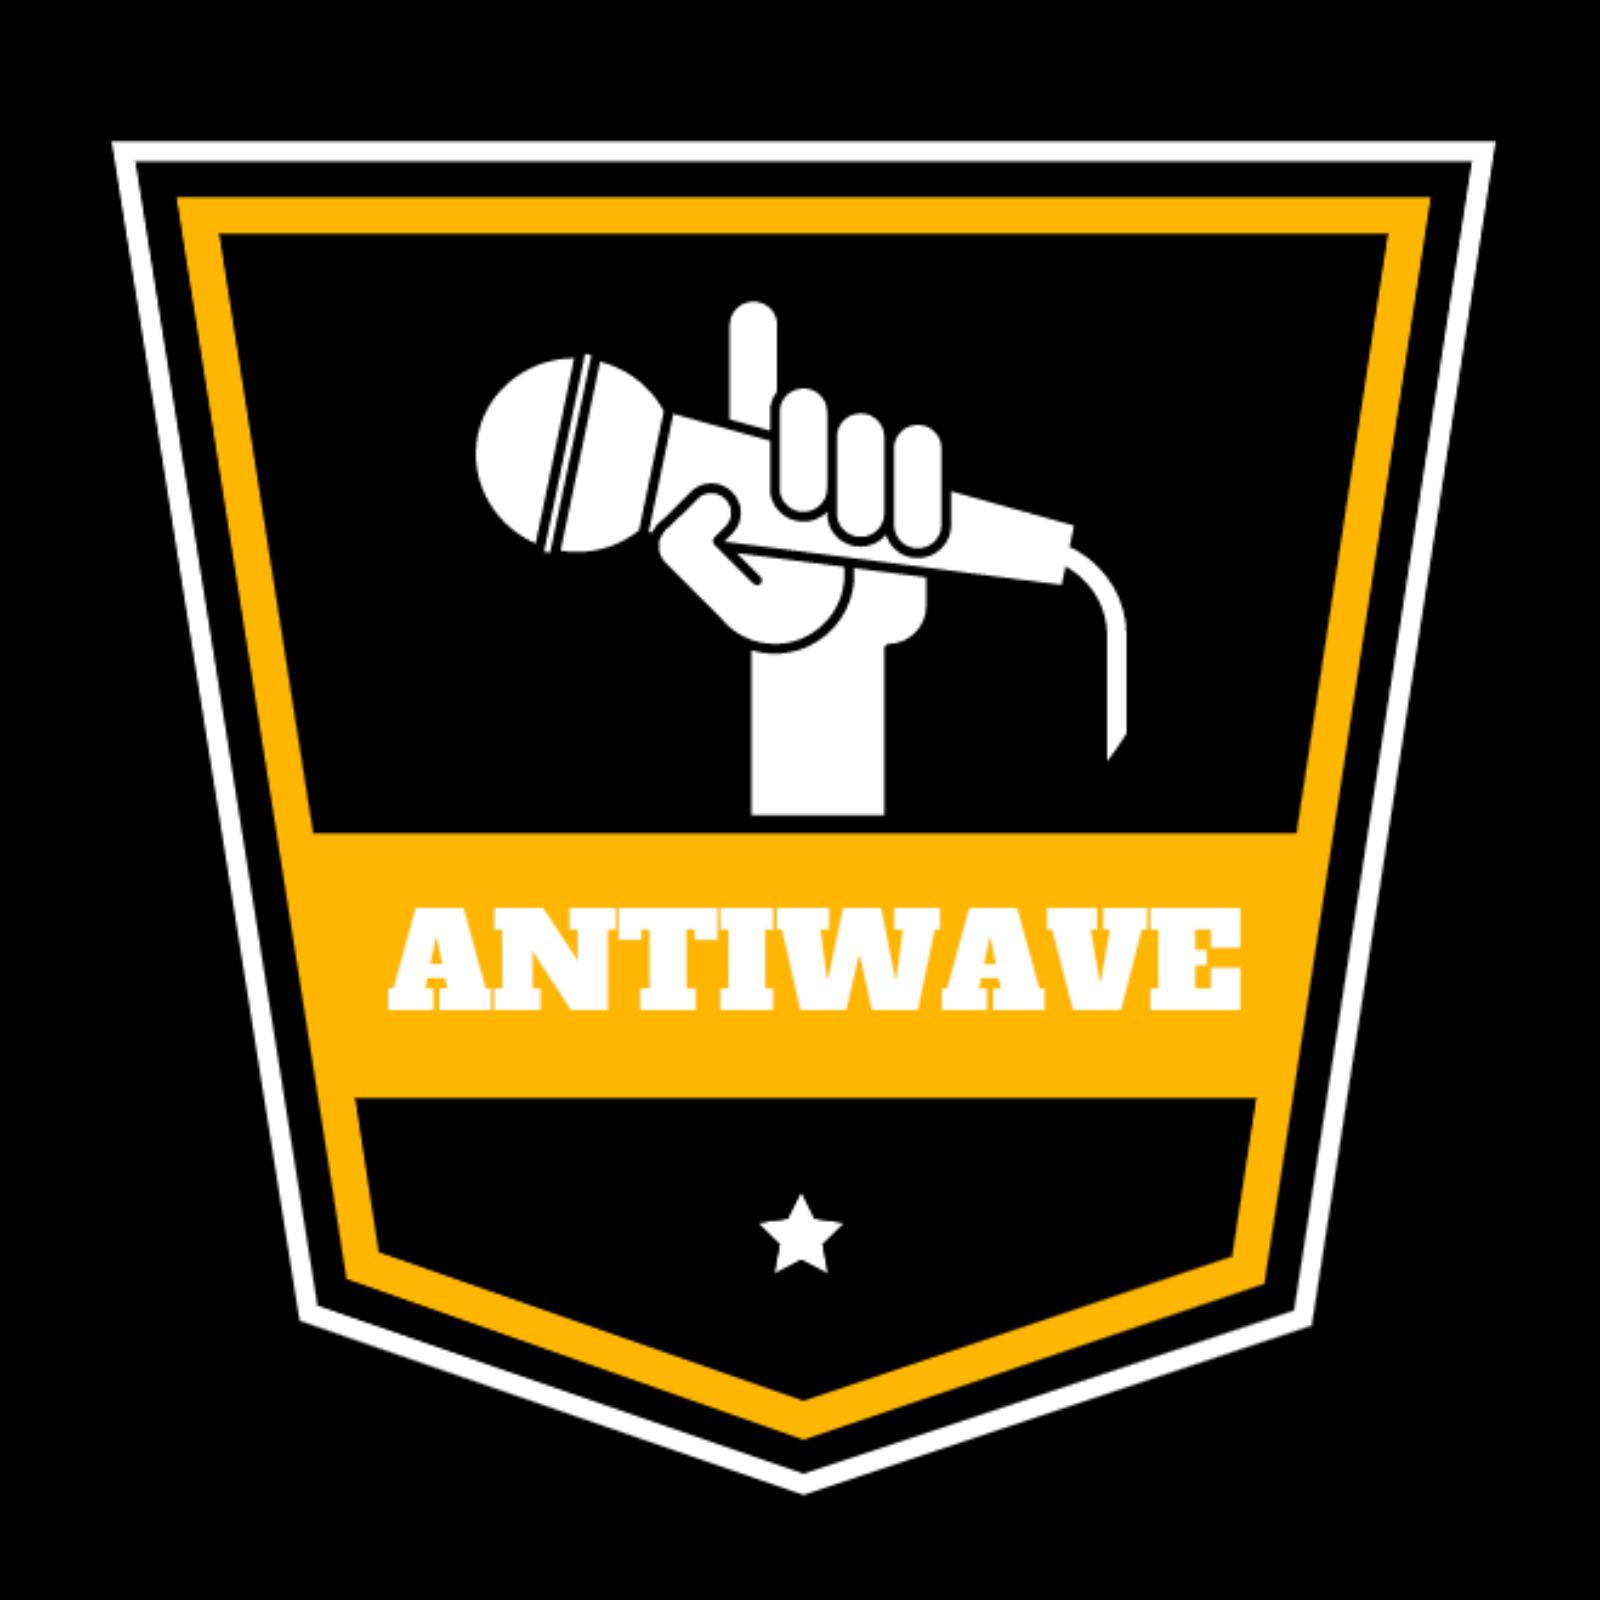 反波 Antiwave